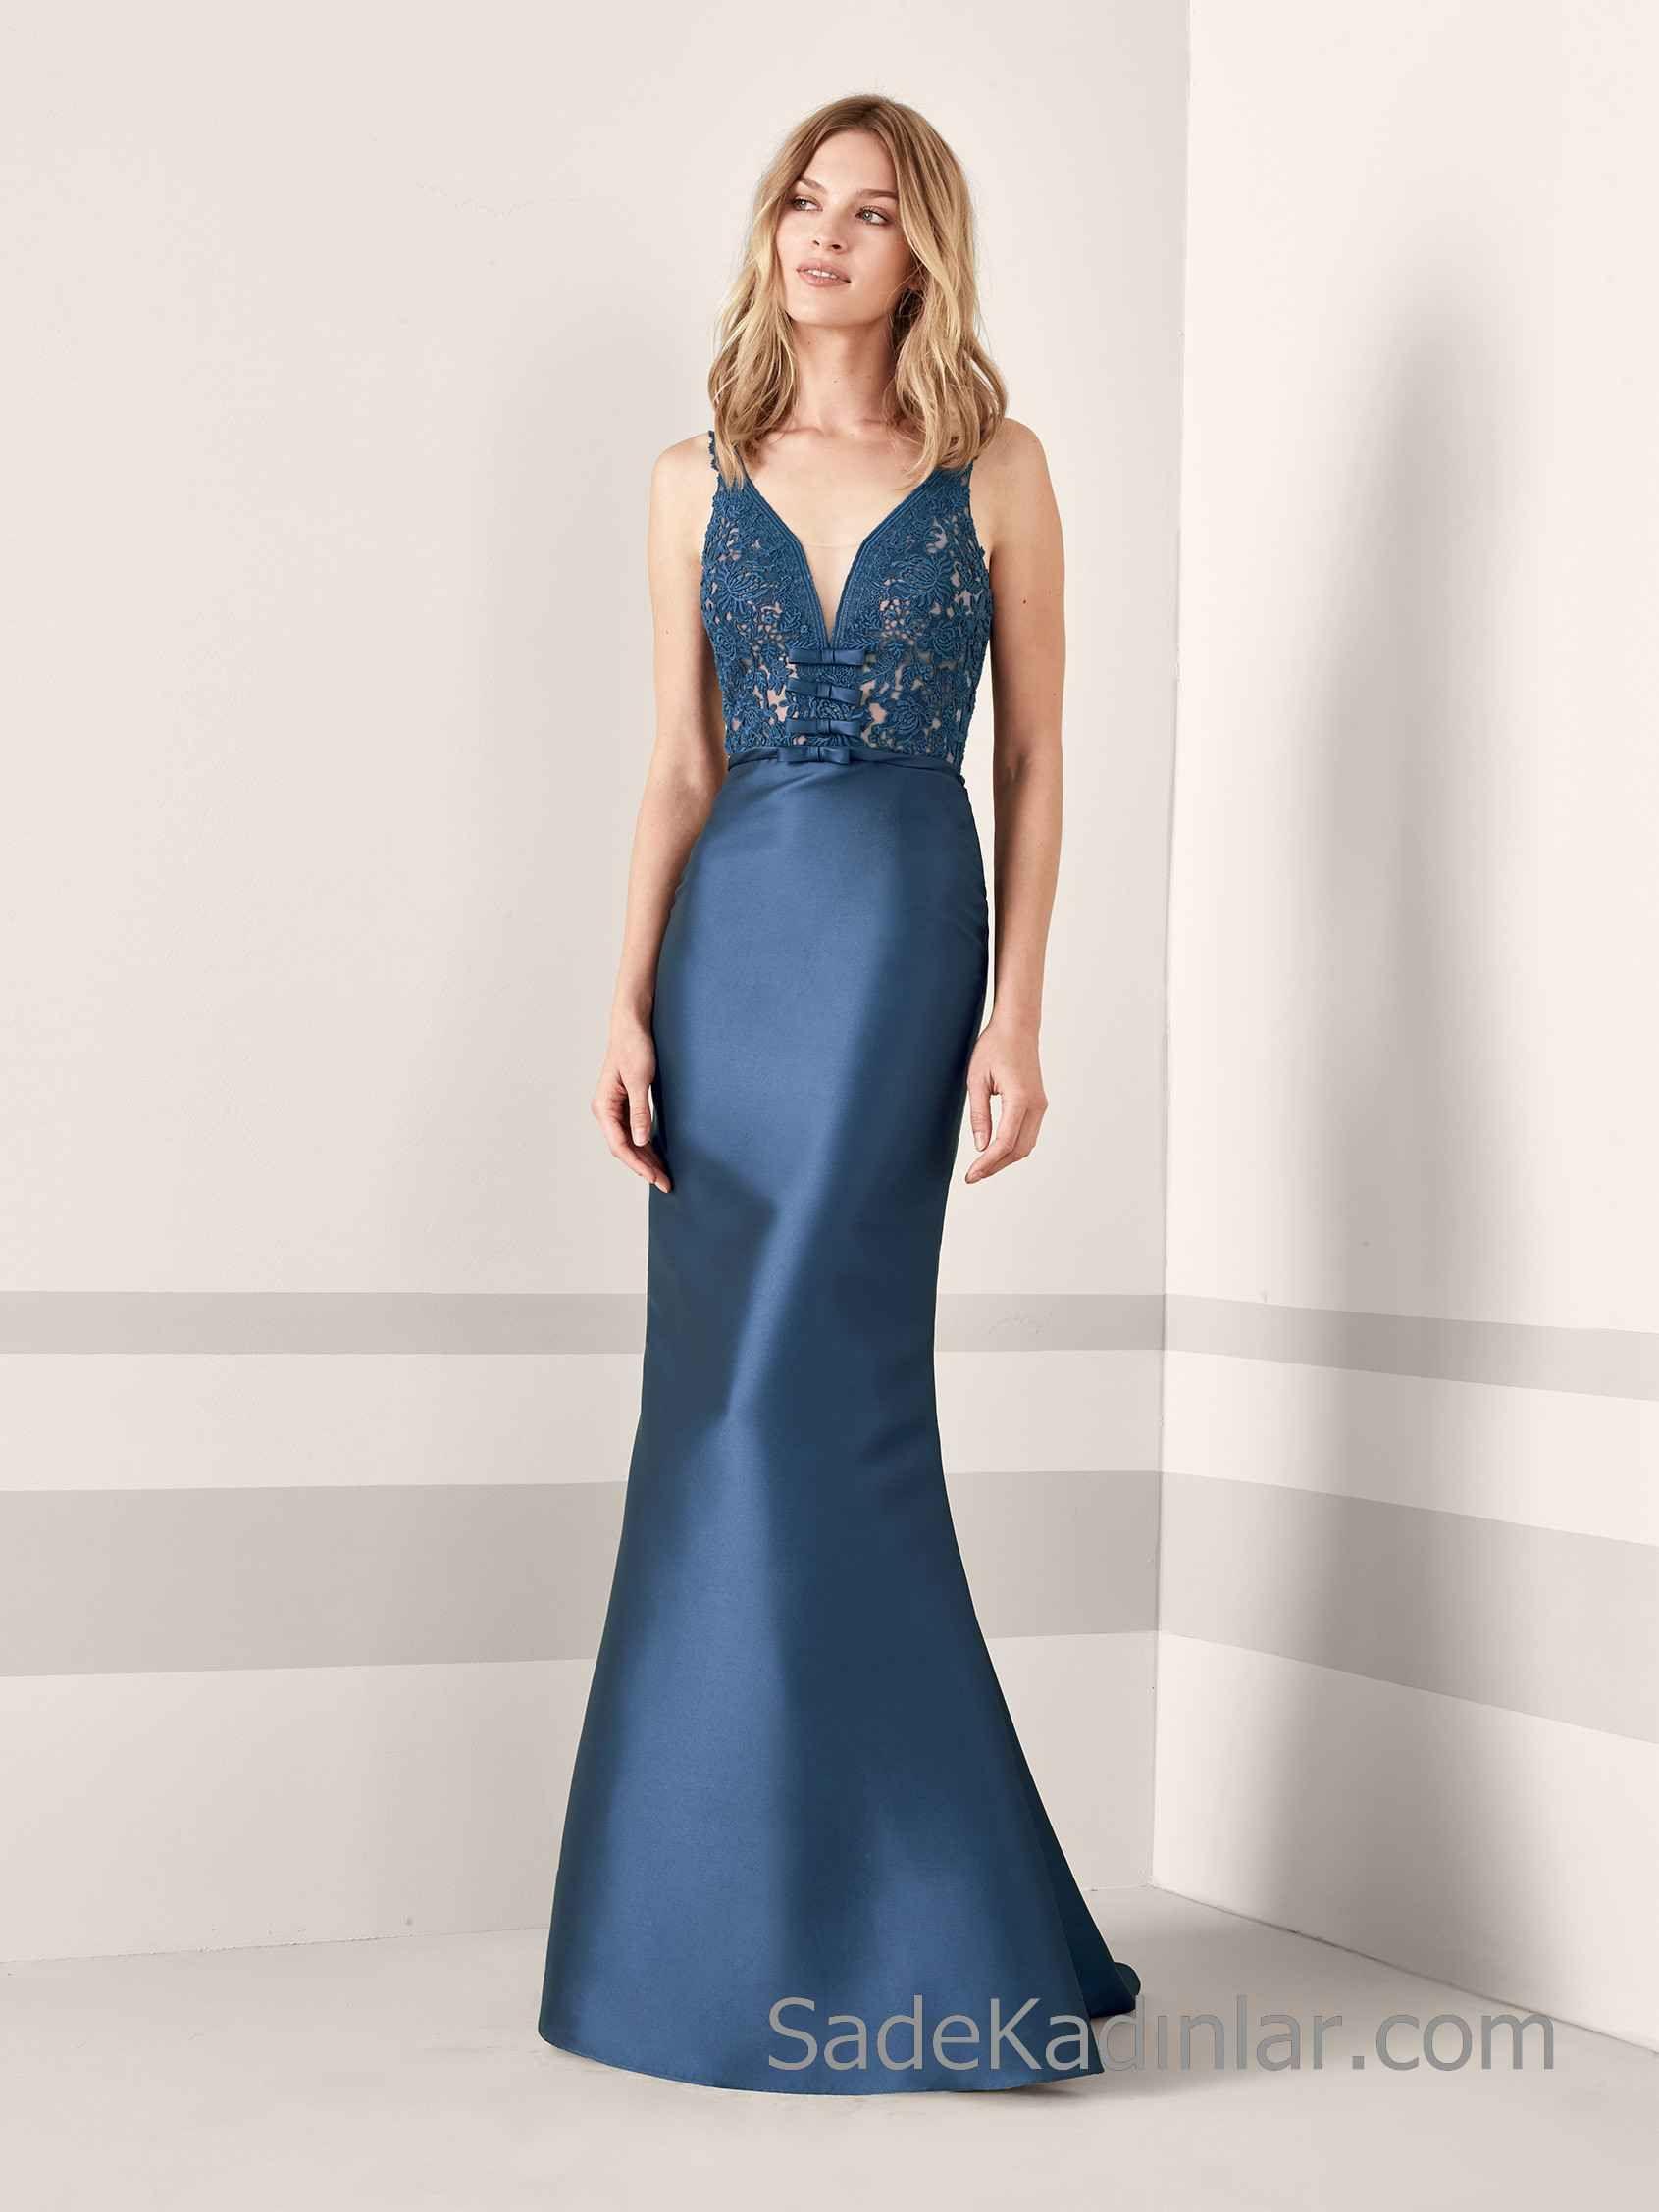 Pronovias 2020 Abiye Elbise Modelleri Lacivert Uzun Balik Askili Derin V Yakali Dantelli Aksamustu Giysileri Dantel Gelinlik Dantel Elbise